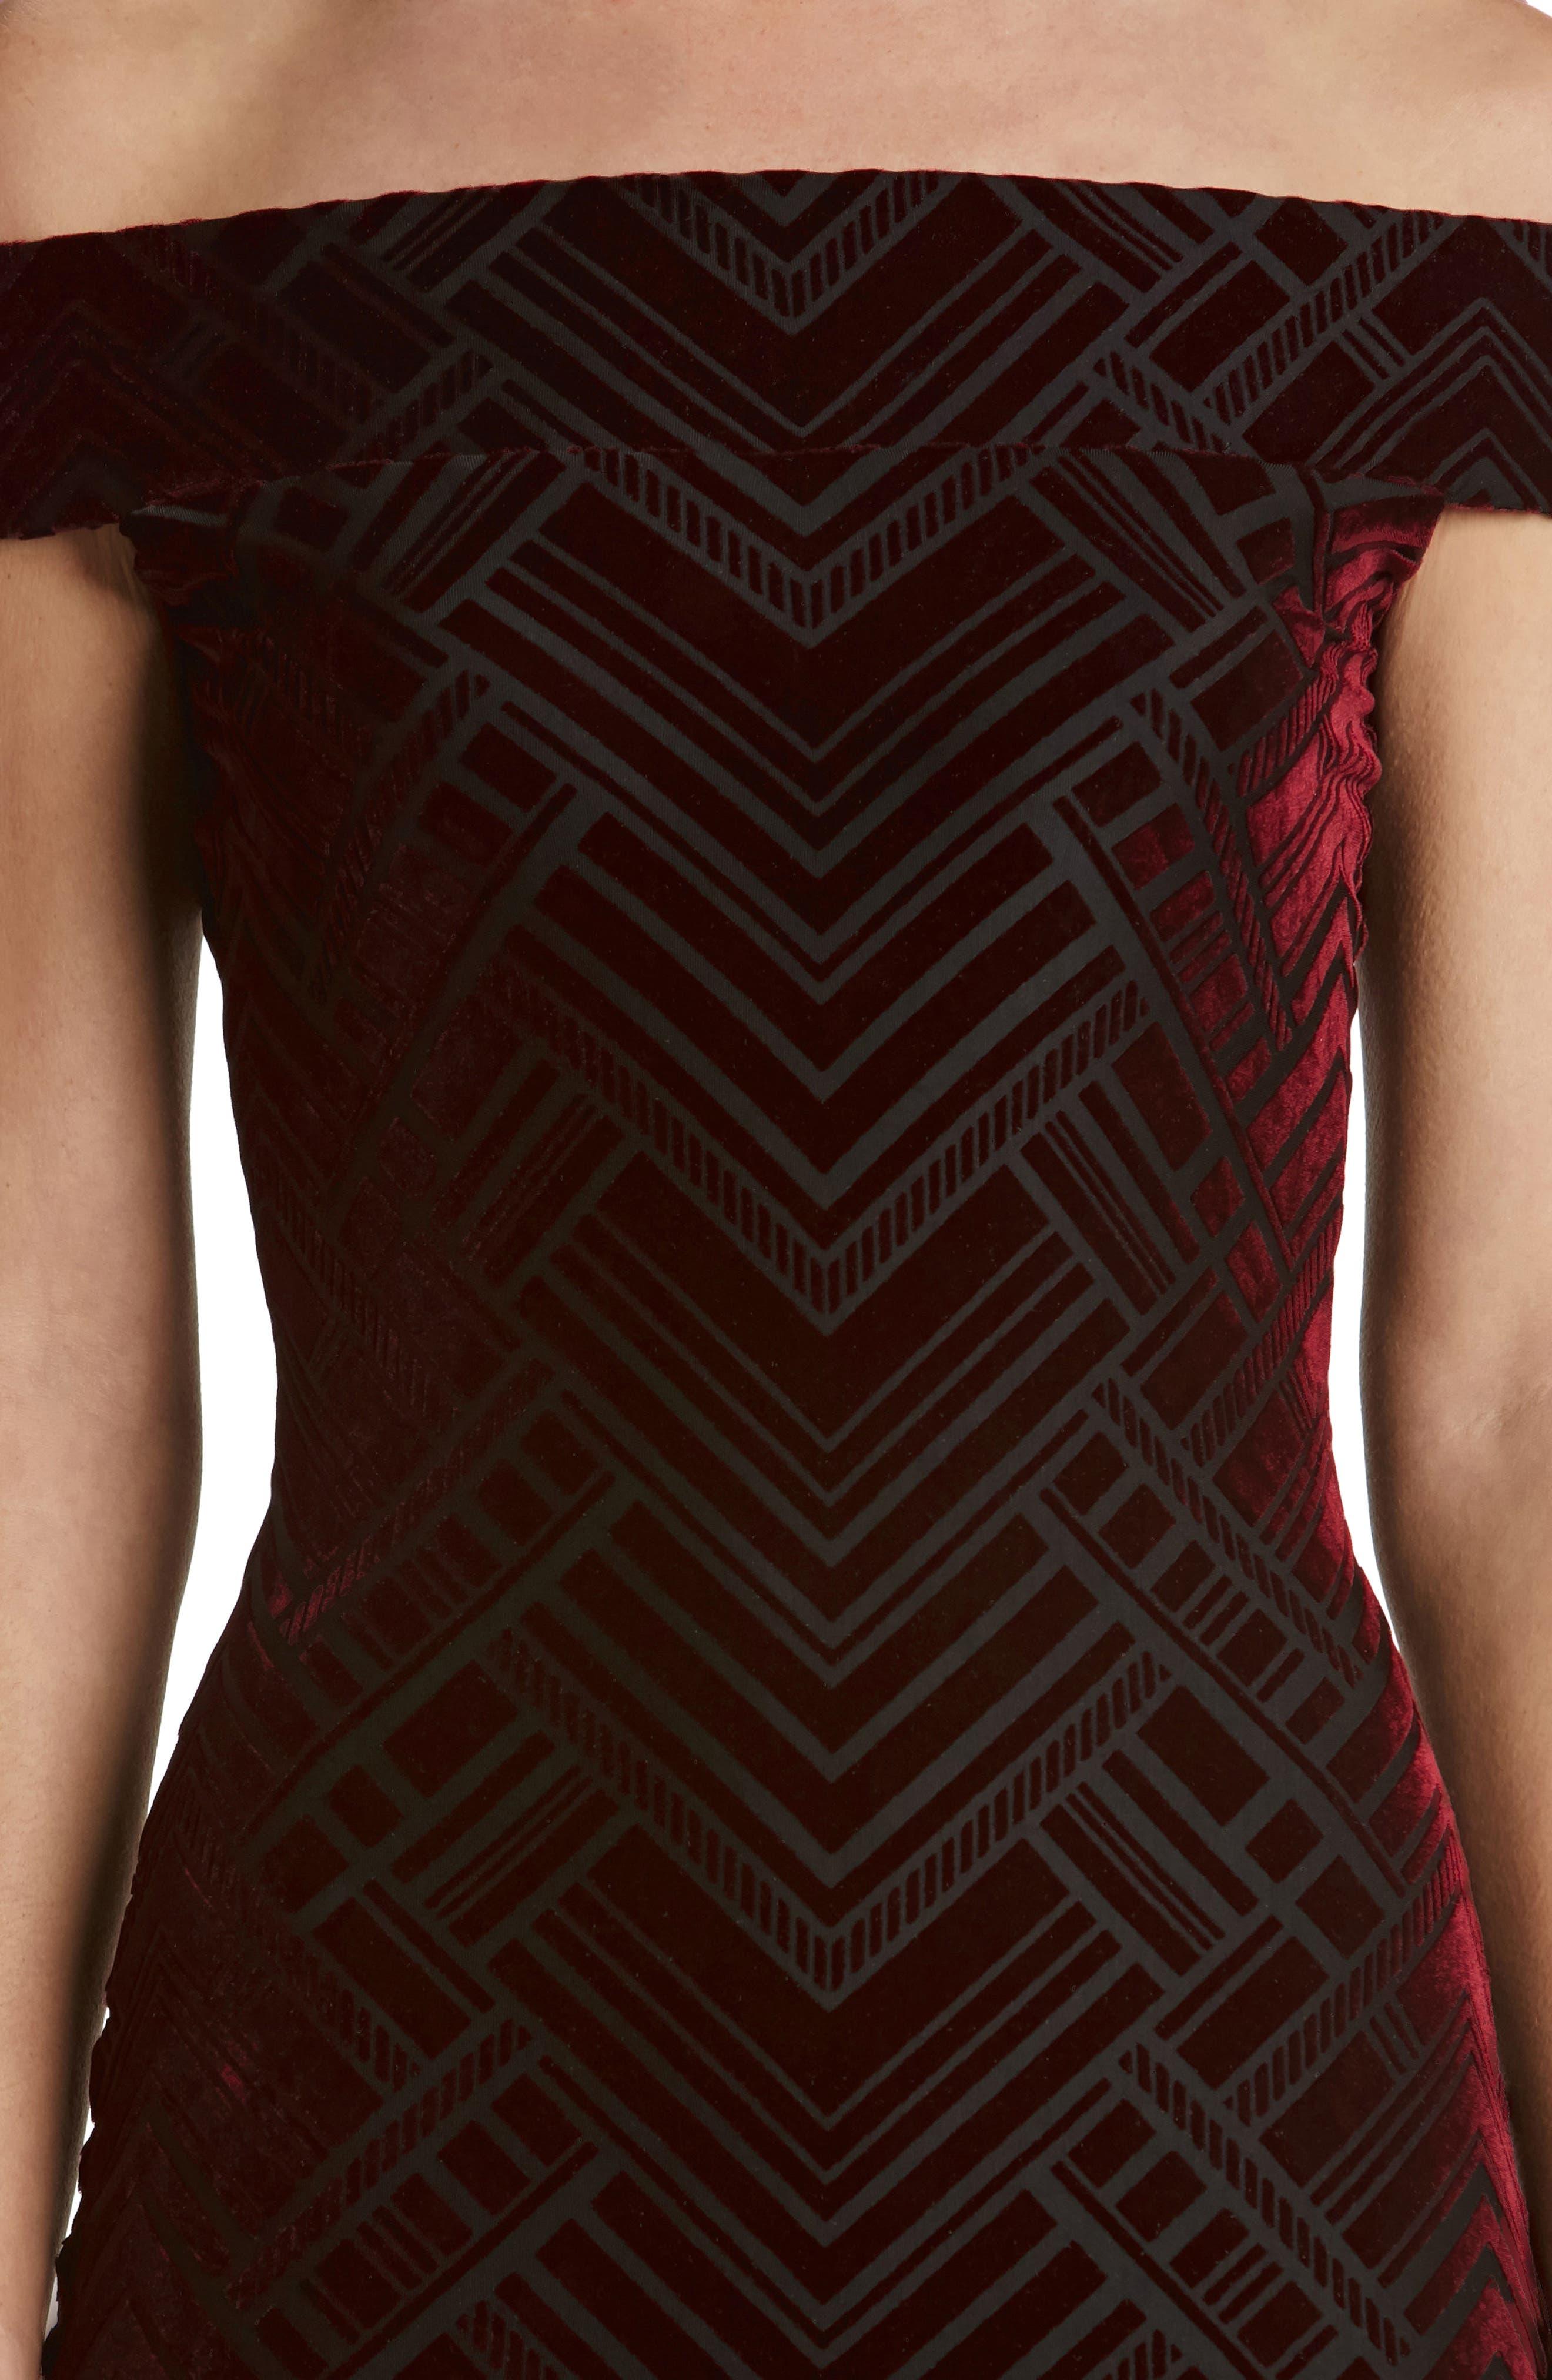 Eden Geo Print Velvet Off the Shoulder Dress,                             Alternate thumbnail 4, color,                             Burgundy/ Black